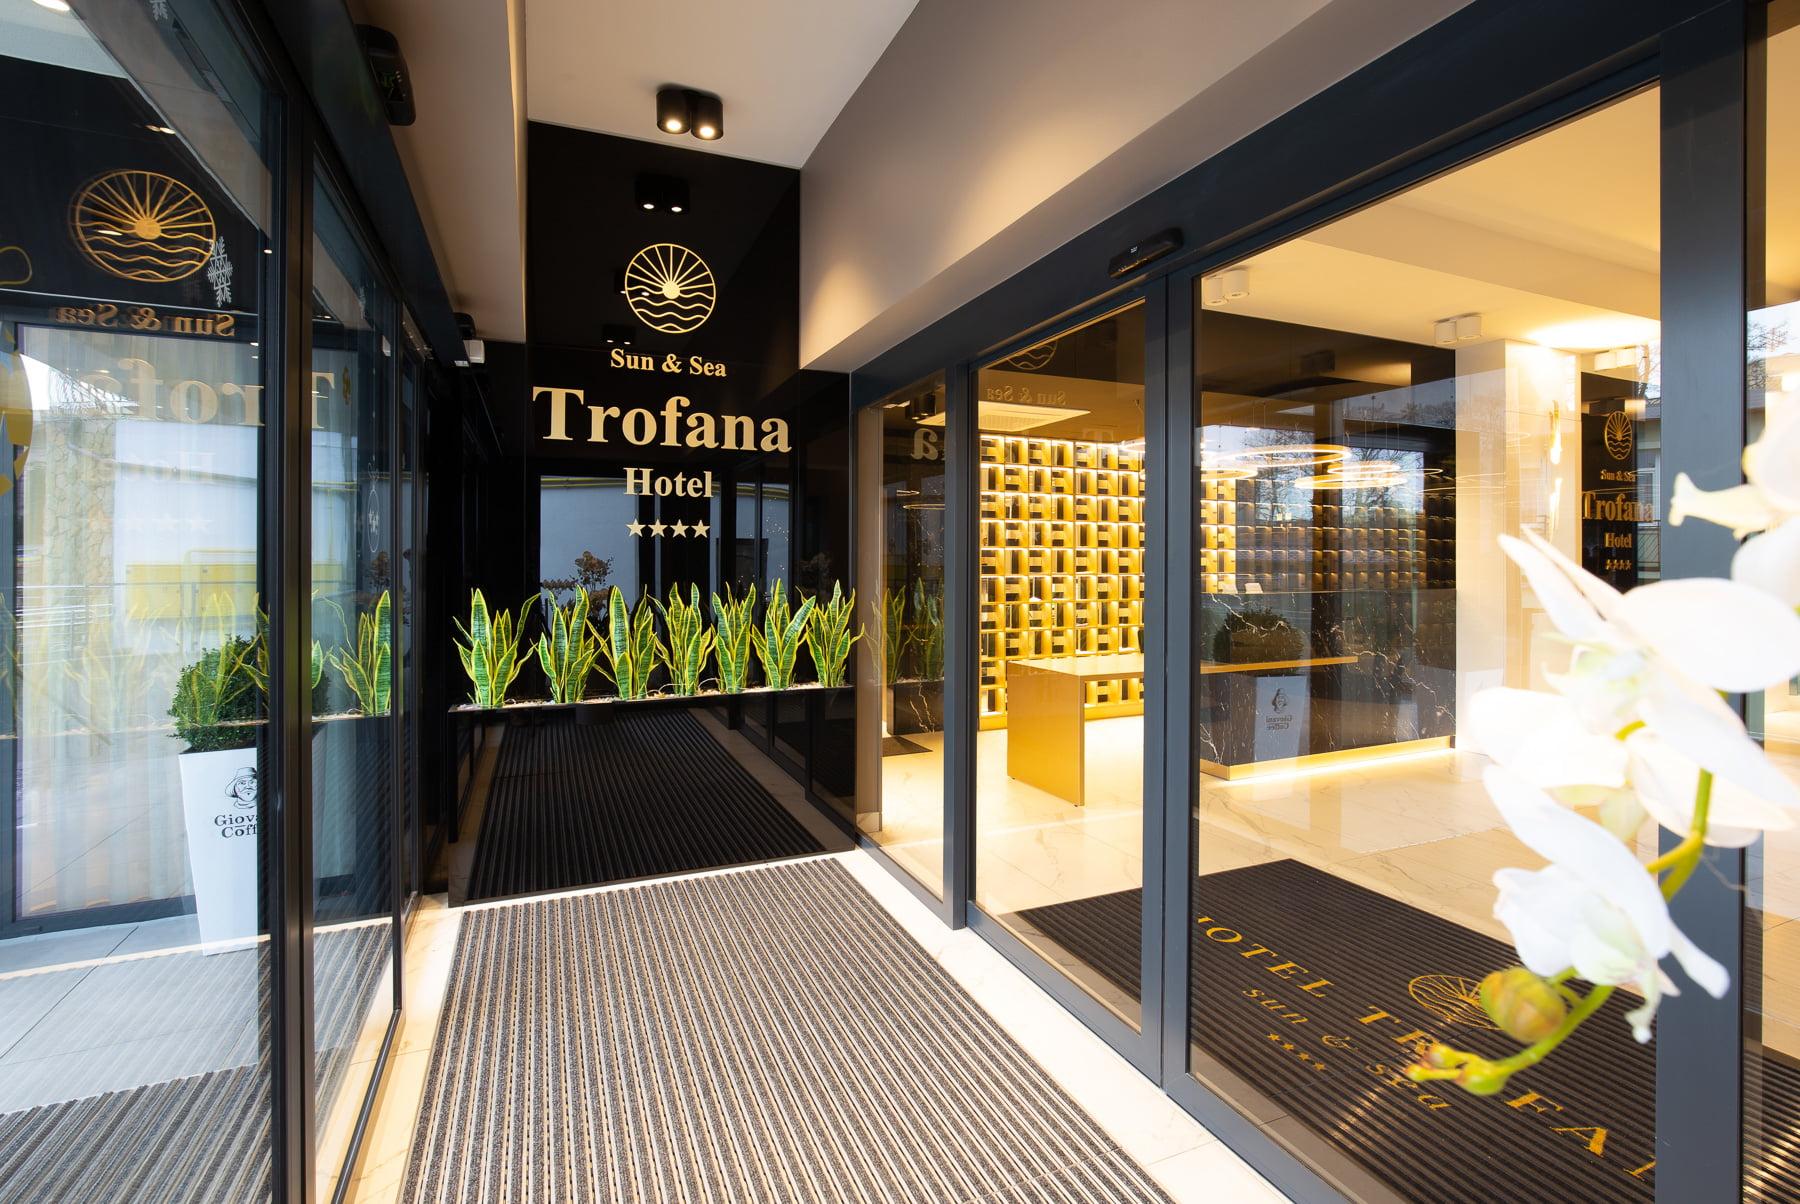 Trofana Hotel